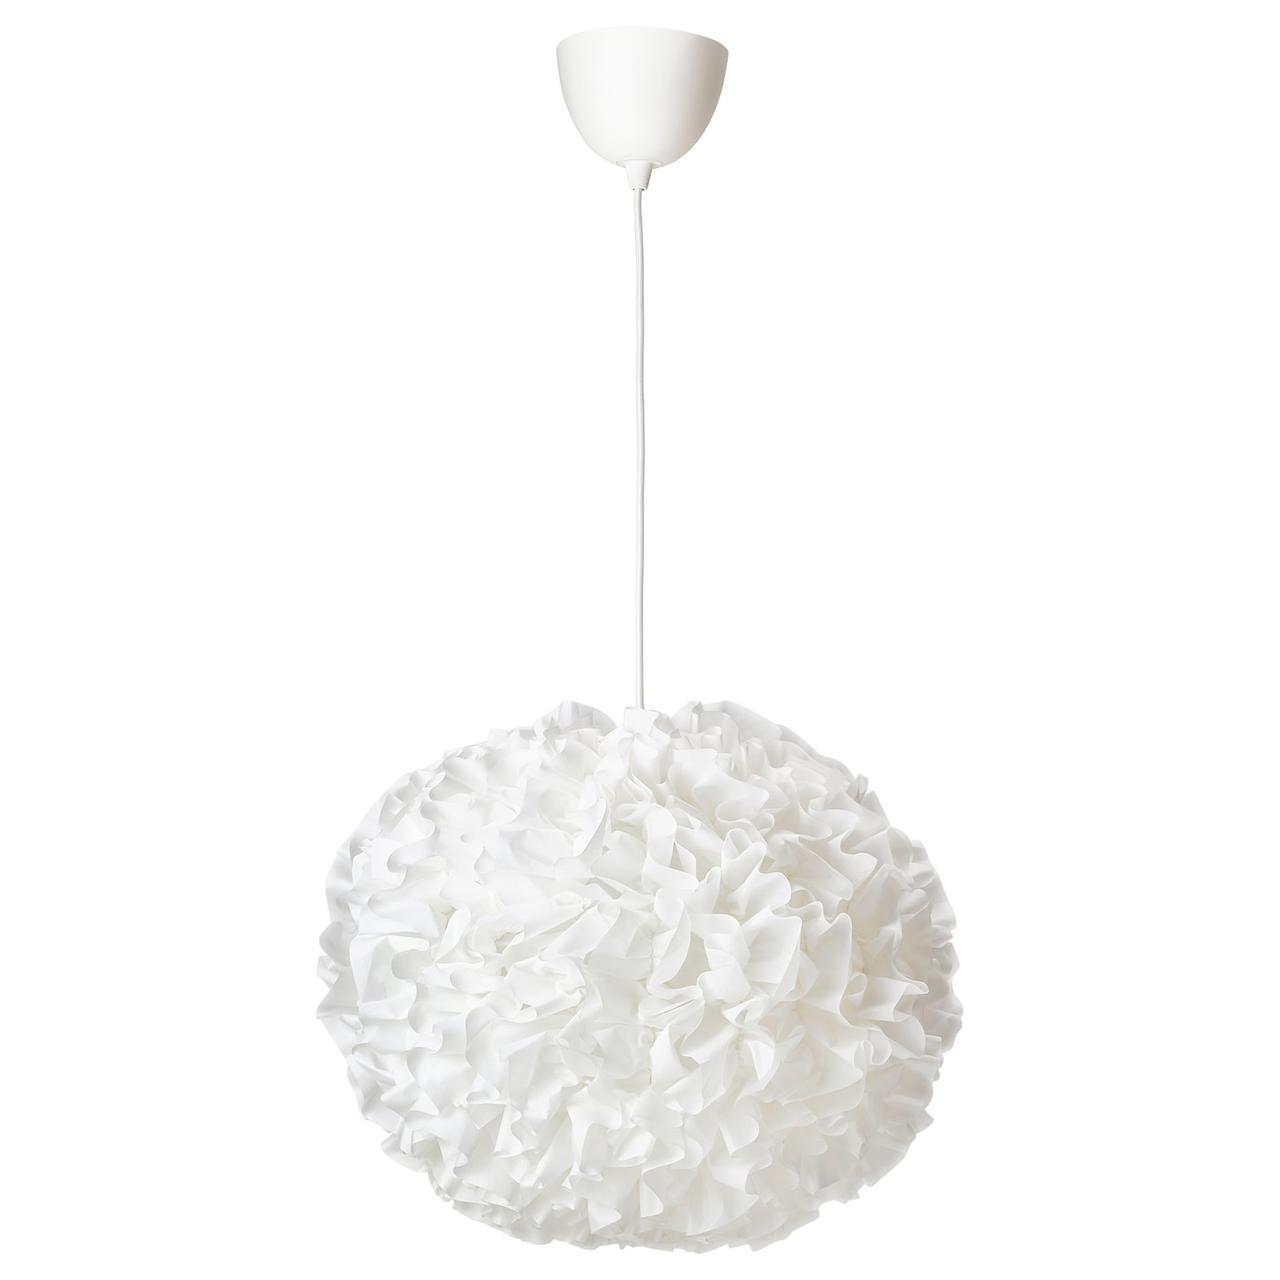 IKEA VINDKAST Подвесной светильник 50 см